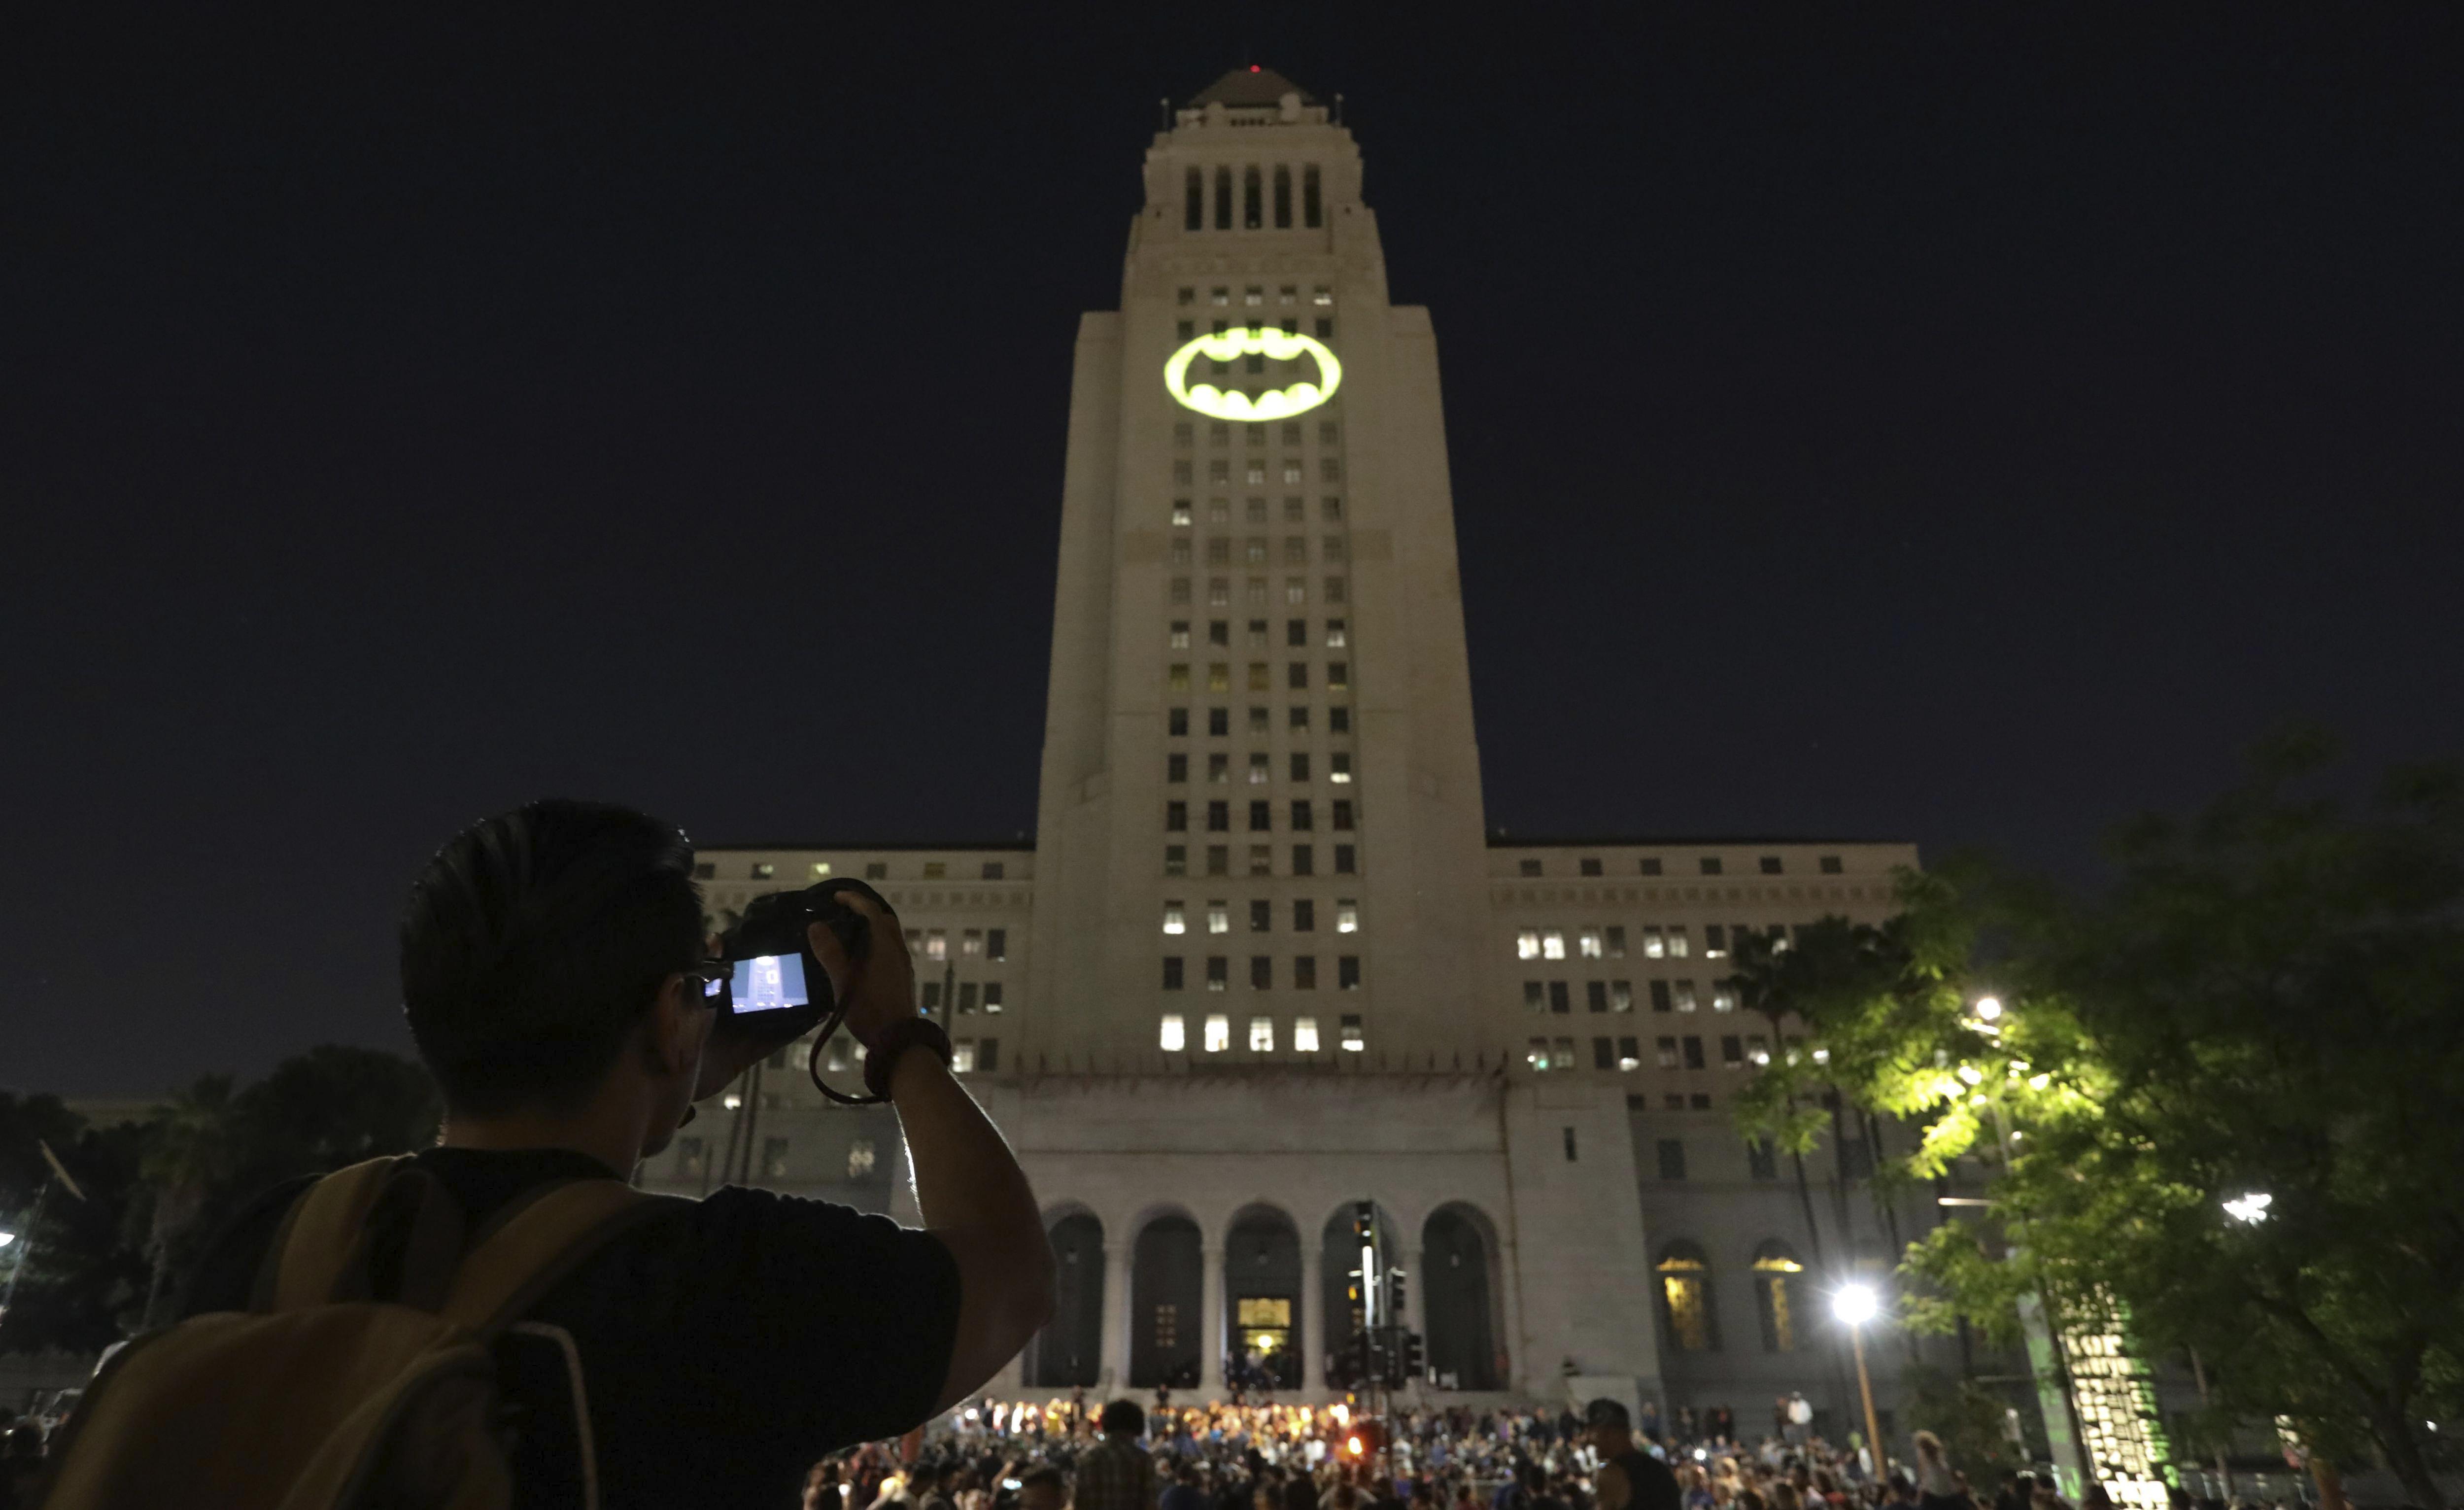 L'Ajuntament de Los Angeles projecta a la façana del seu edifici la 'bat-senyal' en memòria del desaparegut actor nord-americà Adam West, conegut per protagonitzar la sèrie del superheroi als anys 60./Eugene Garcia